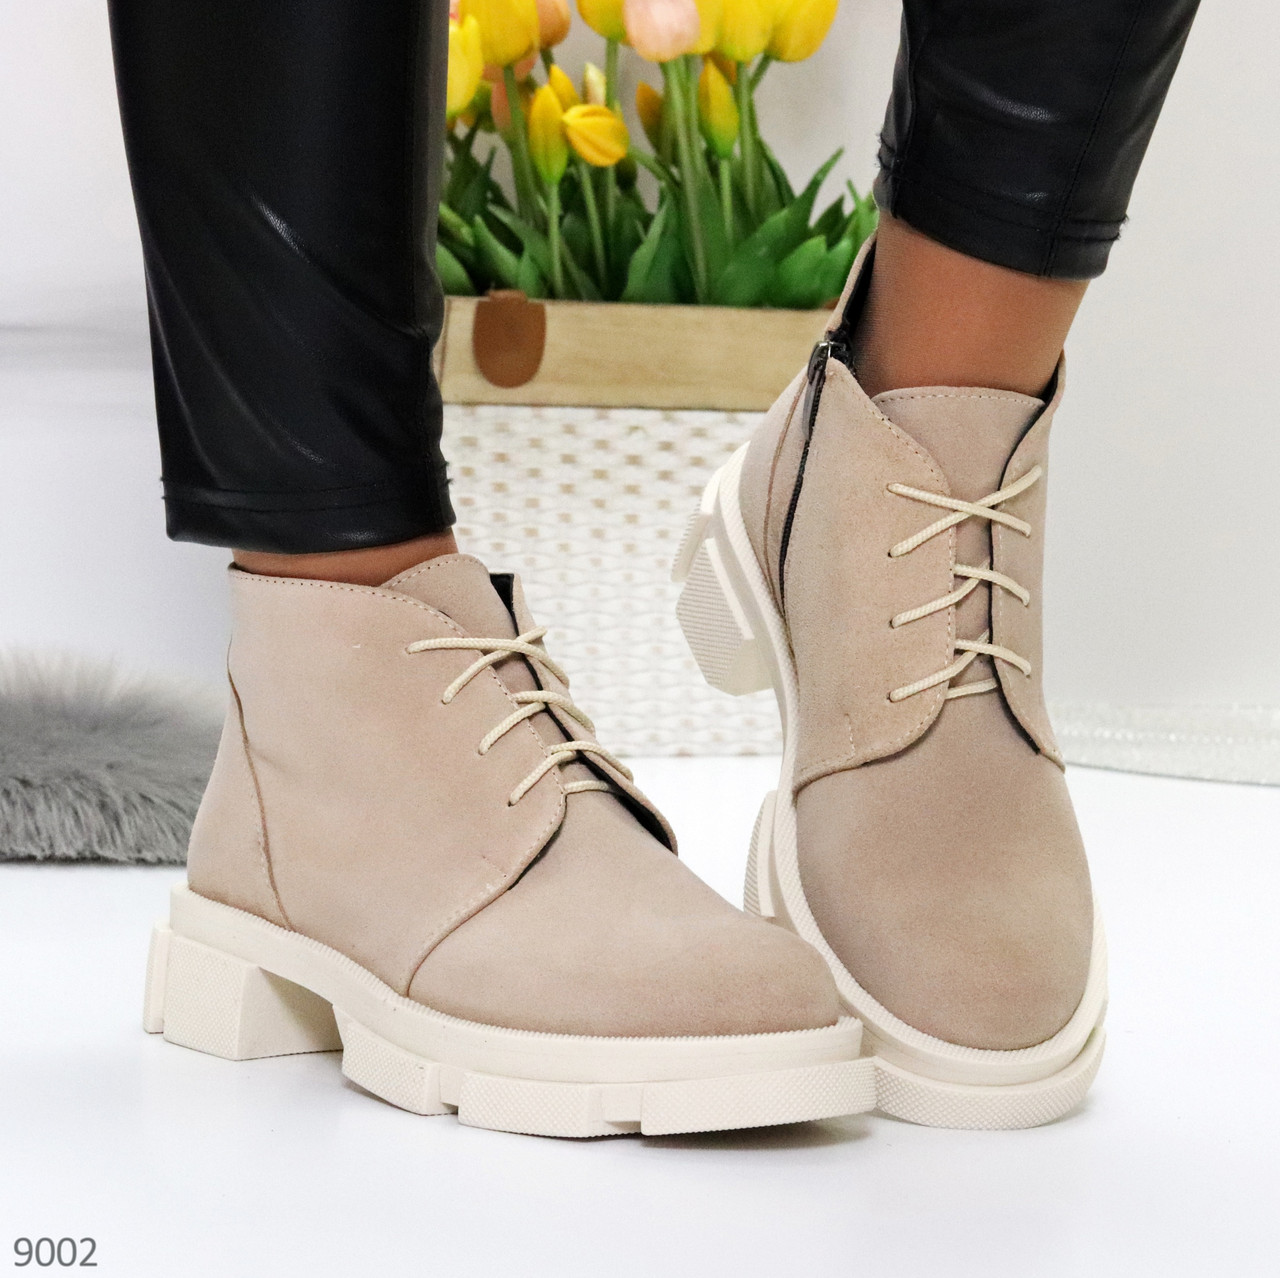 Бежевые женские ботинки гриндерсы из натуральной замши на низком ходу